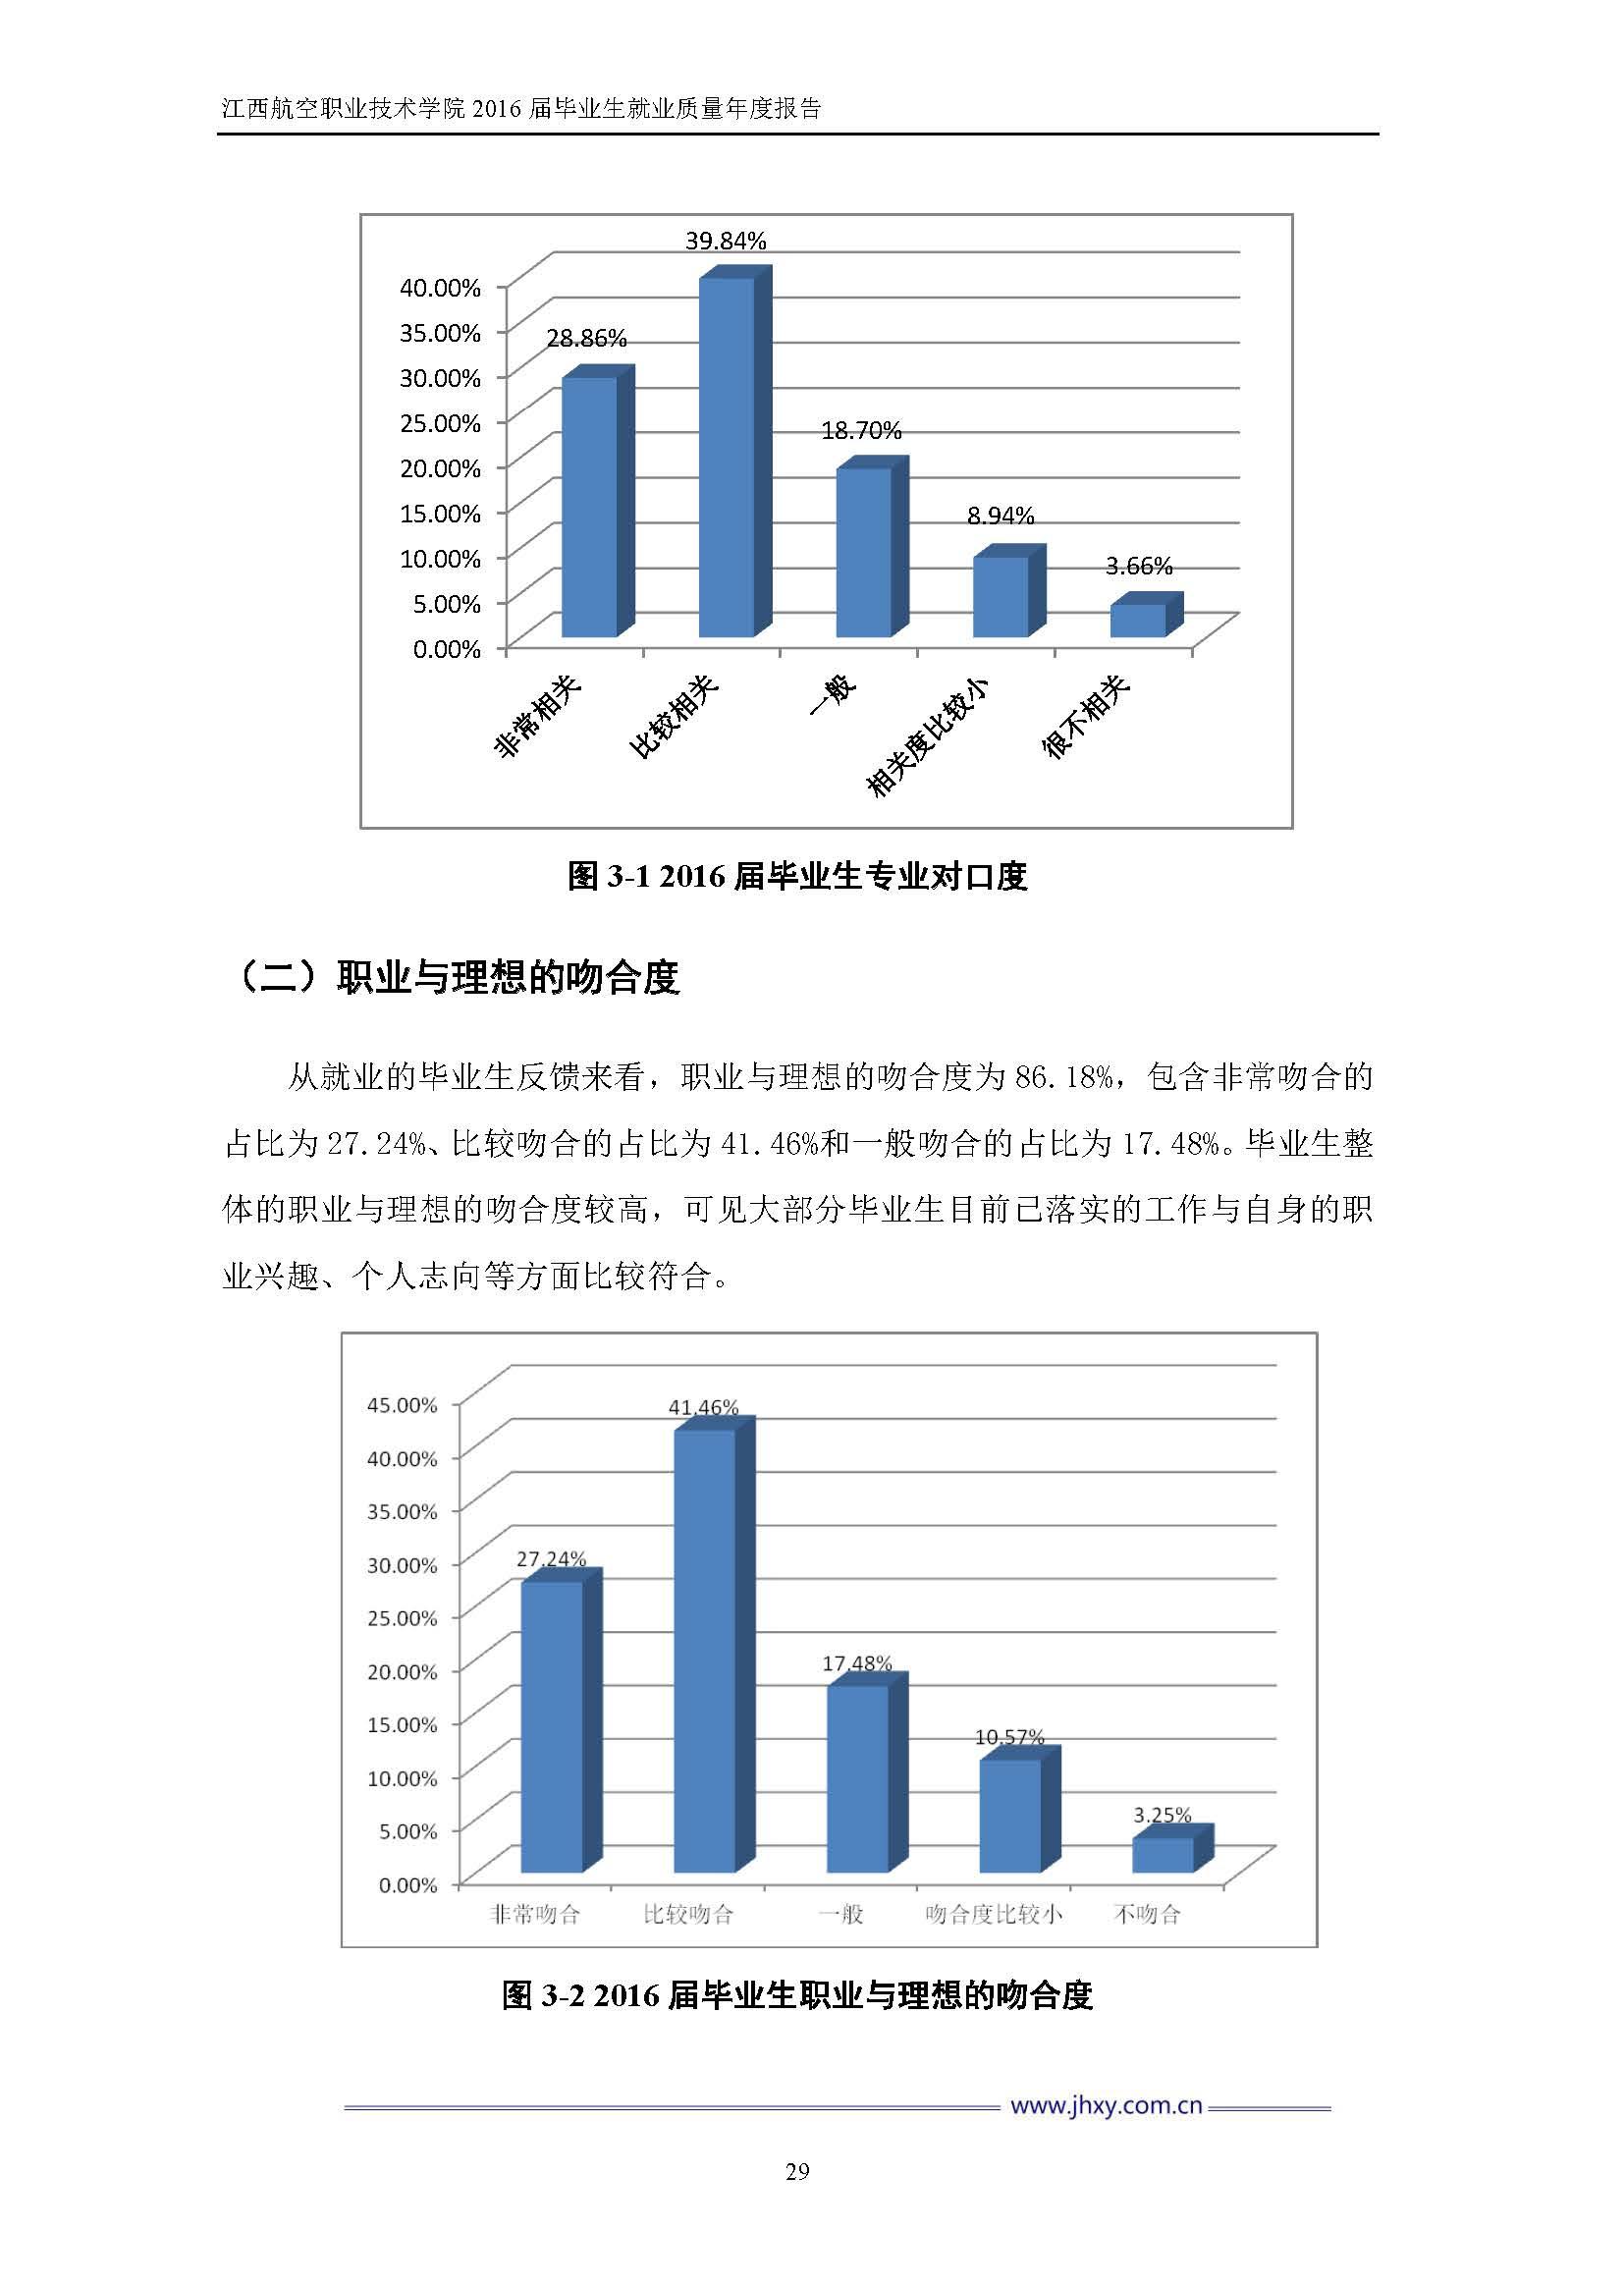 江西航空职业技术学院2016届毕业生就业质量年度报告_Page_36.jpg